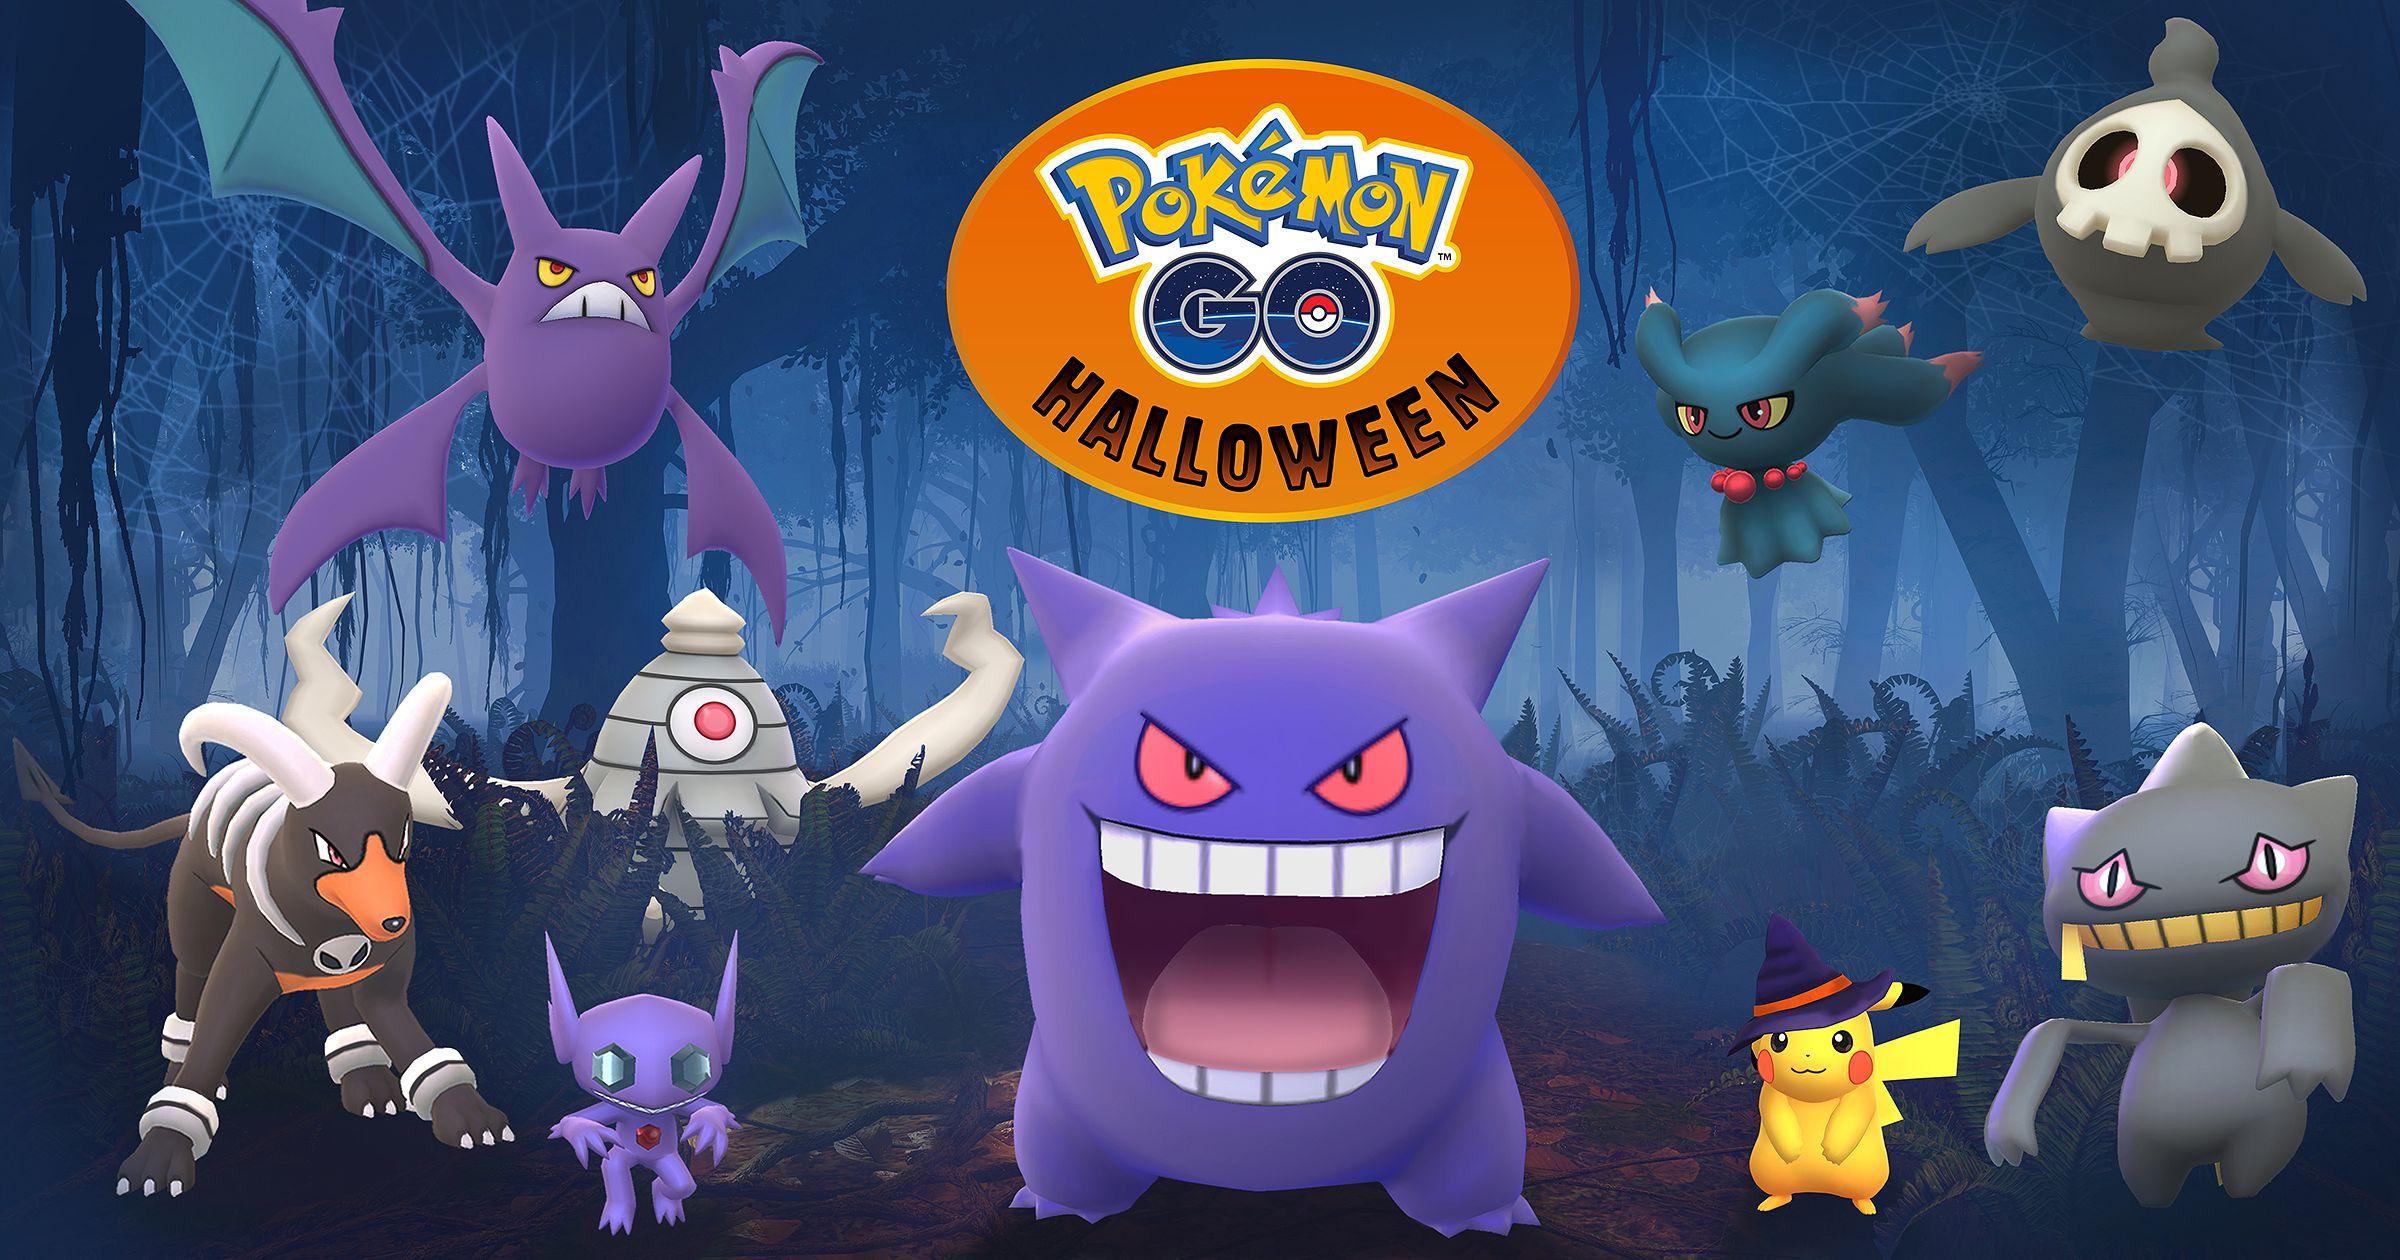 Detective Pikachun julkaisu ei ole ensimmäinen kerta, kun Pokémon GO on saanut teemasisältöä. Aiemmin peliin on julkaistu uutta sisältöä erityisesti juhlapyhien, kuten joulun ja halloweenin aikana.